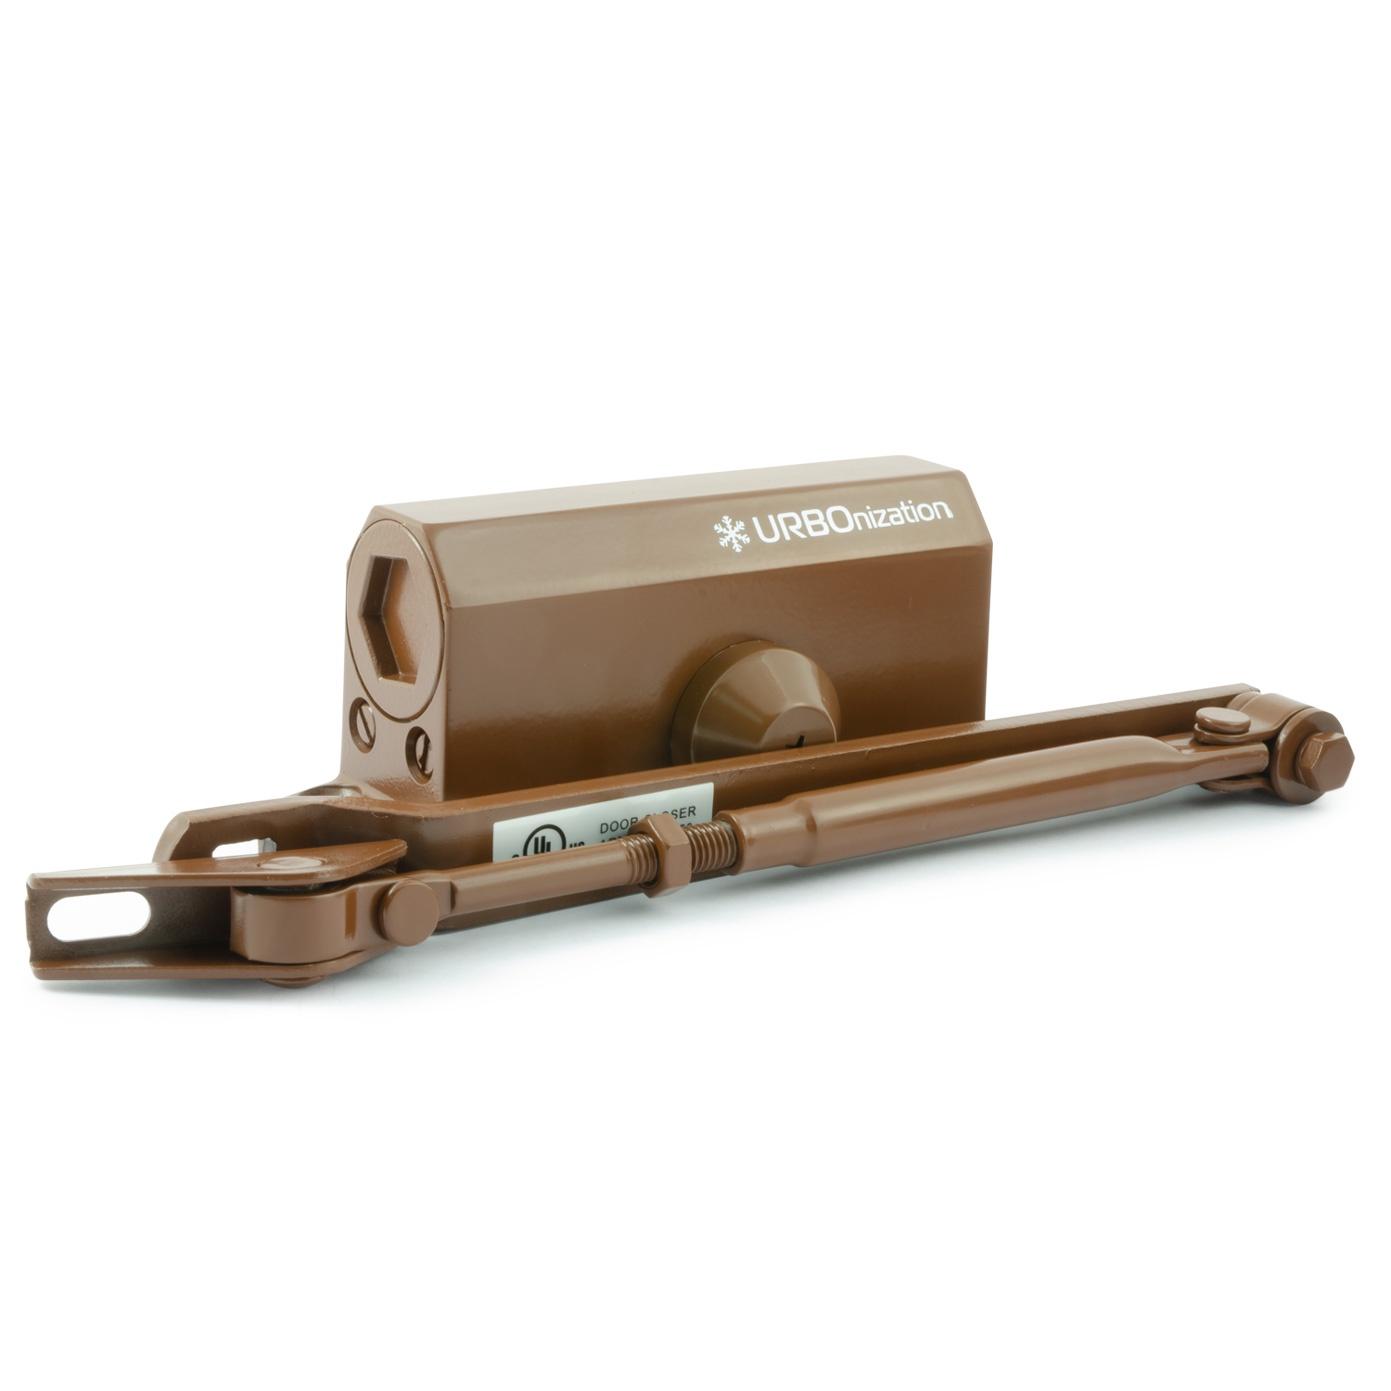 Доводчик 510 URBOnization (15-60 кг) (коричневый) морозостойкий цена